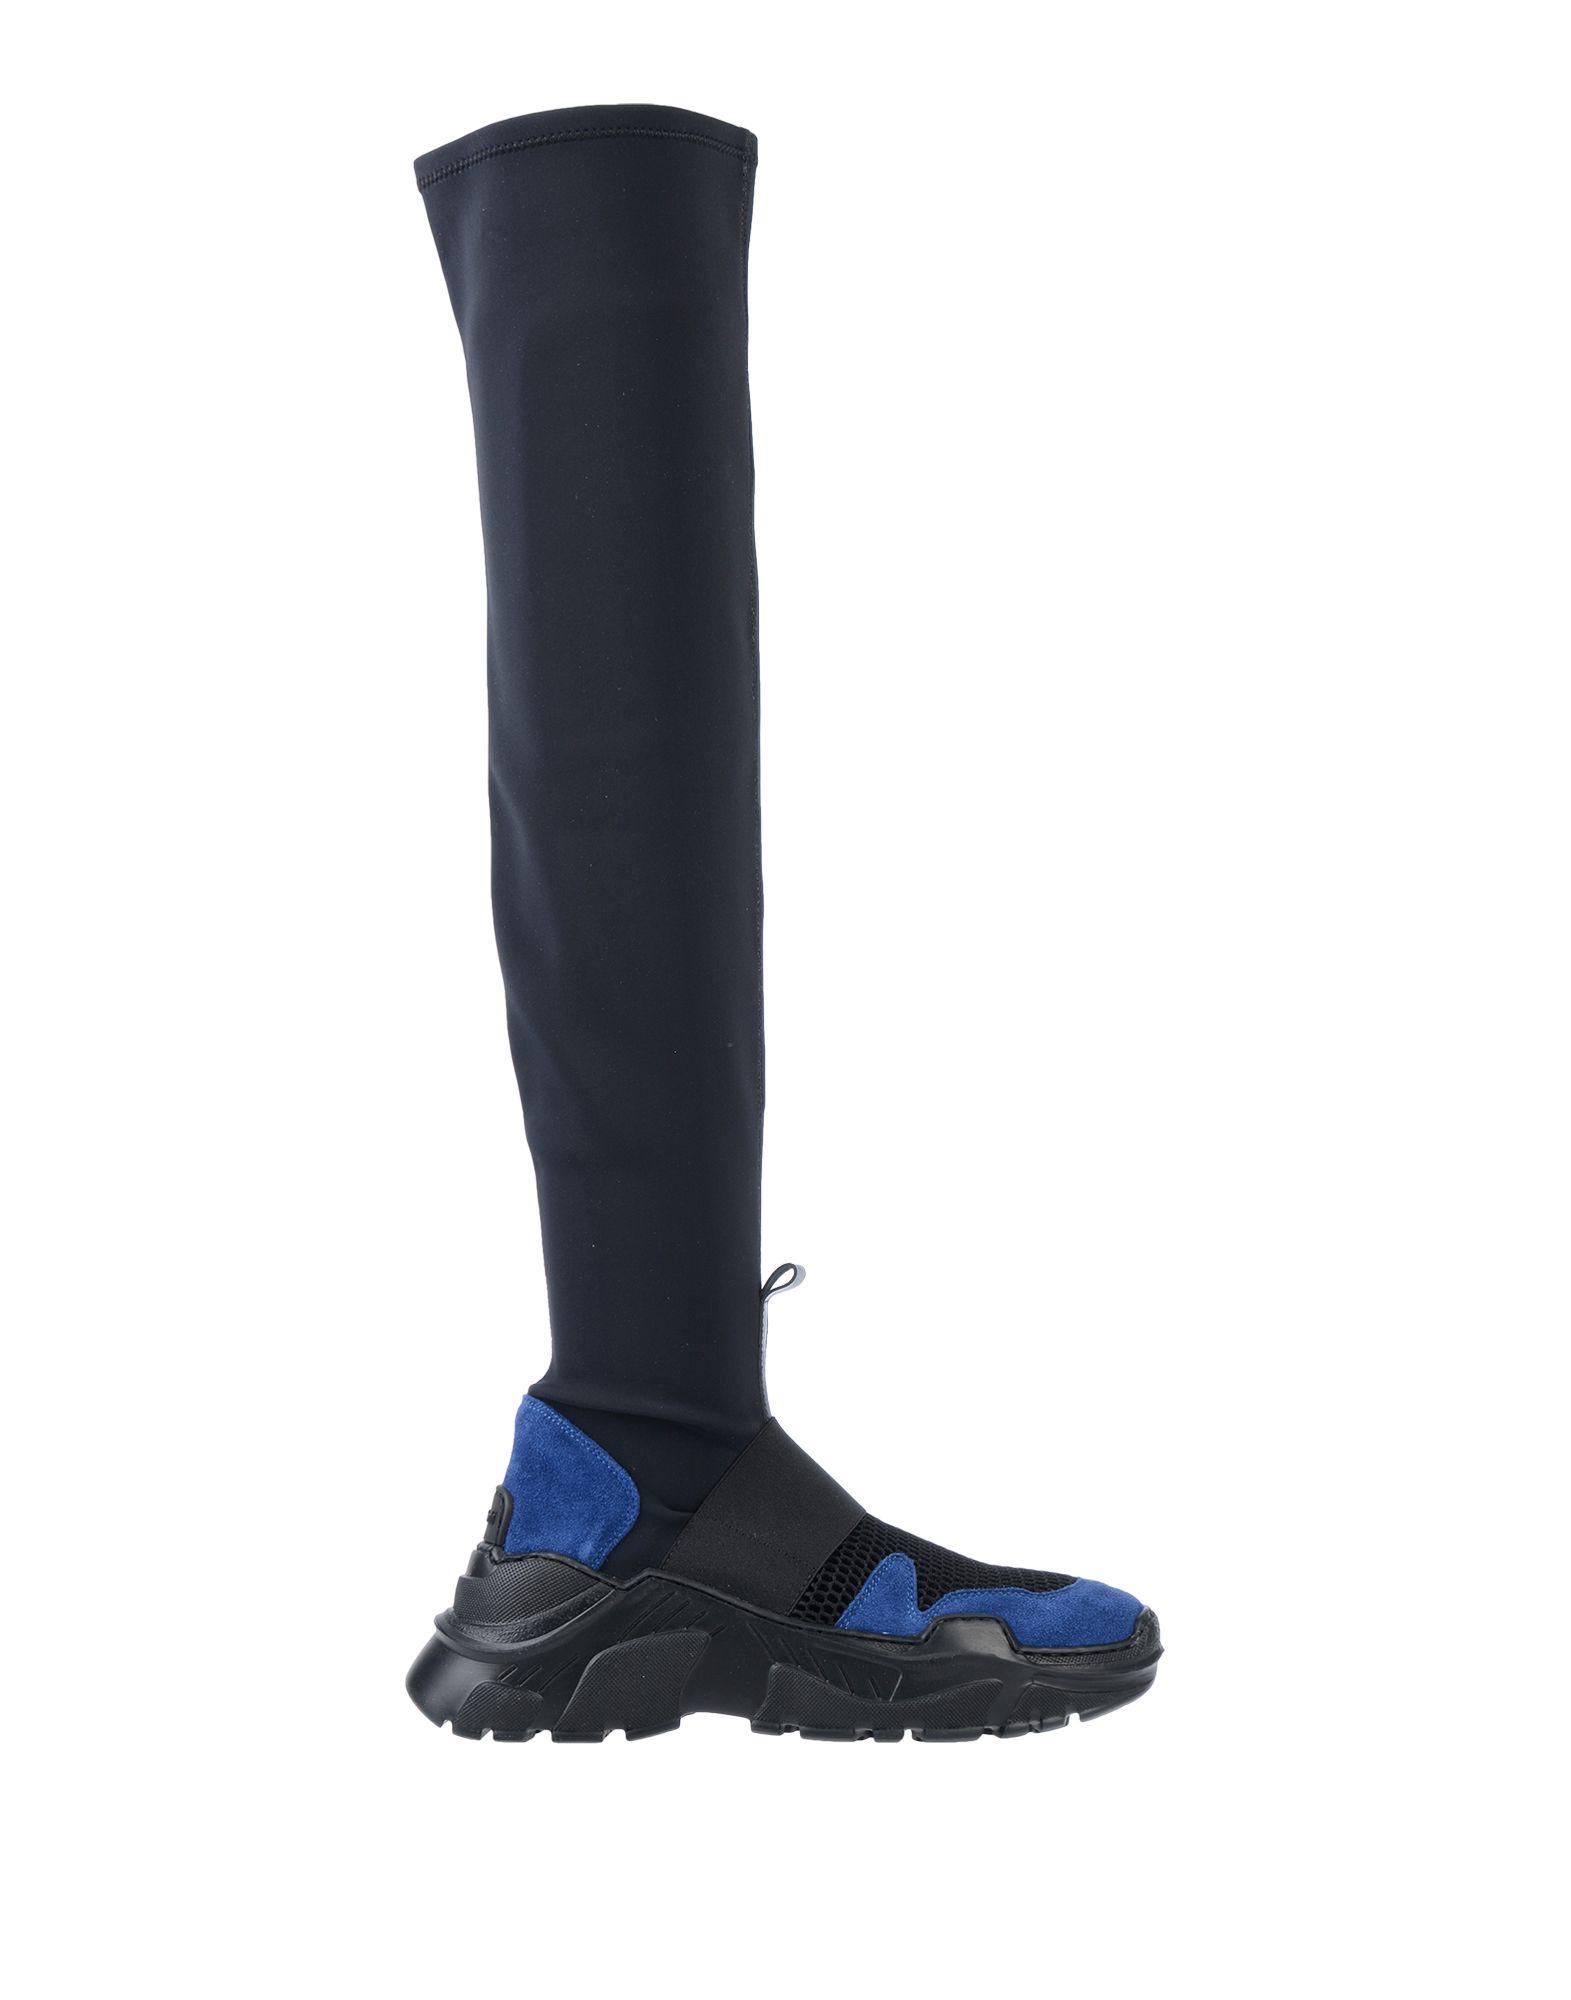 Stiefel Tipe E Tac  damen - 11741396KU